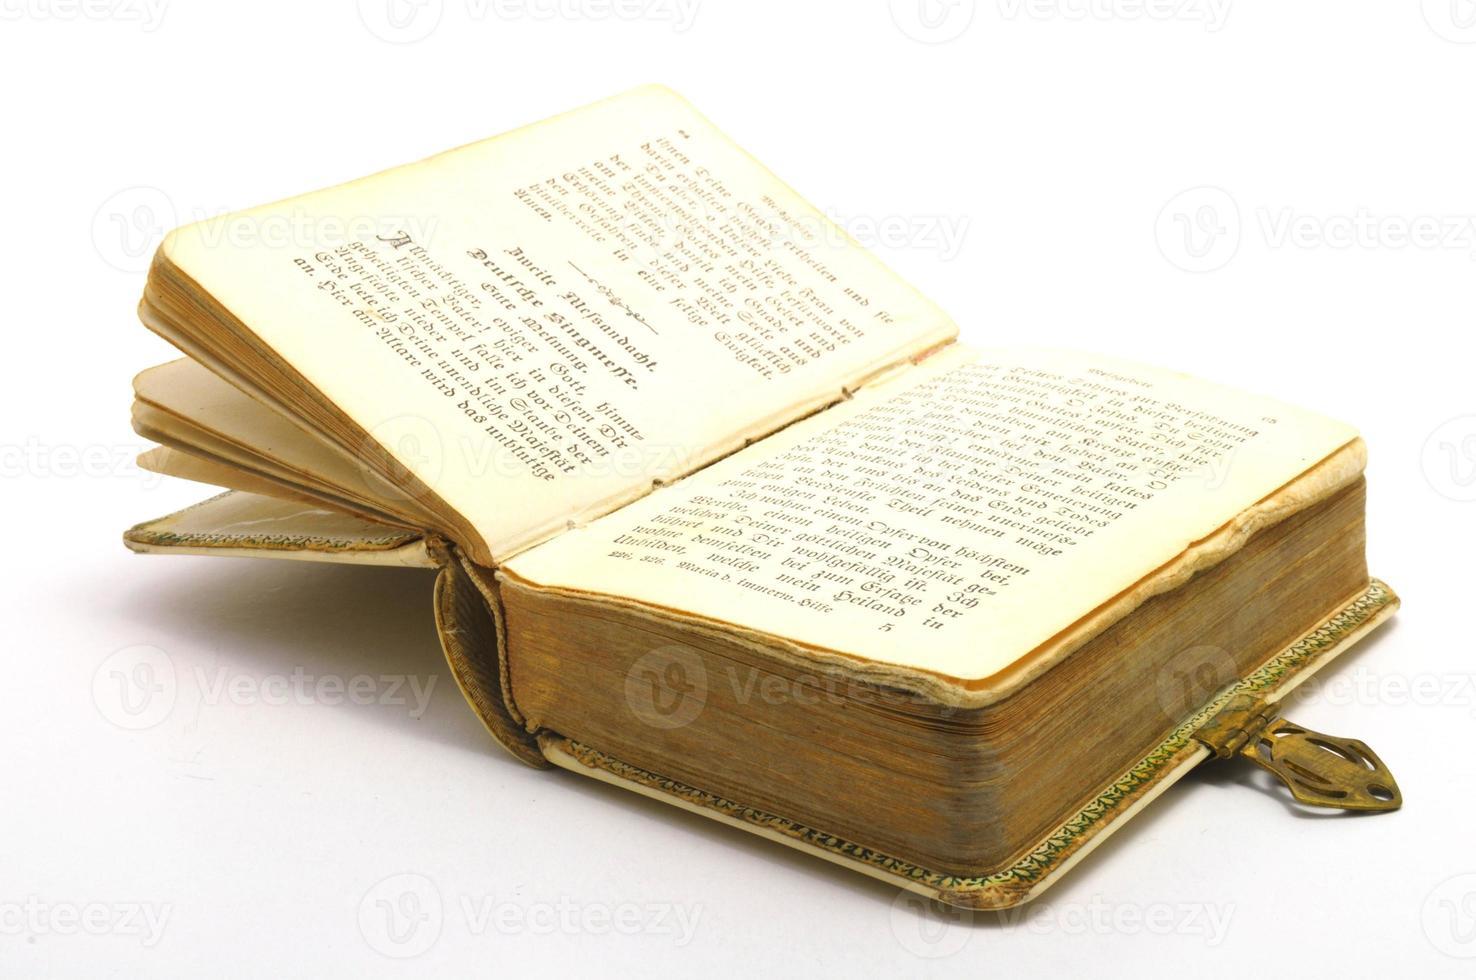 livro de história antiga foto